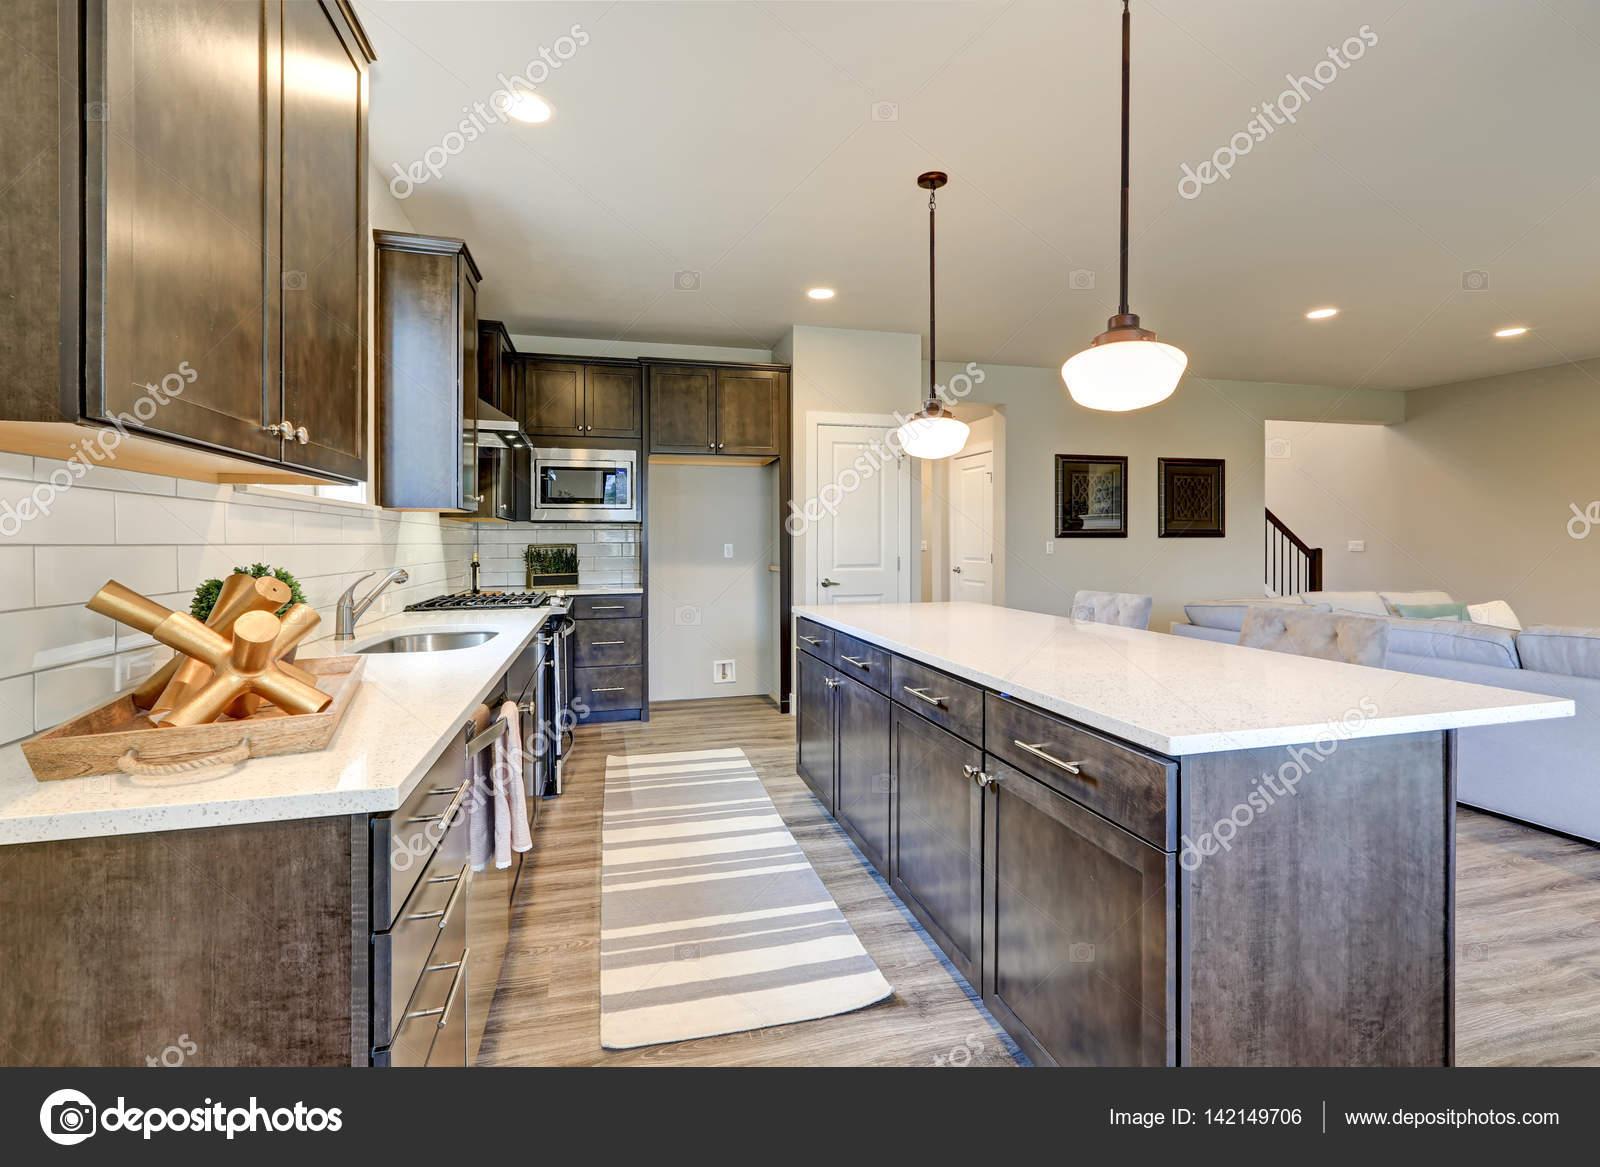 grey kitchen backsplash commercial flooring epoxy 新厨房拥有黑暗的实木橱柜 大岛 图库照片 c iriana88w 142149706 白色后挡板地铁瓷砖 在大小岛屿与白色和灰色石英计数器被垂饰灯照射 西北美国 照片作者iriana88w